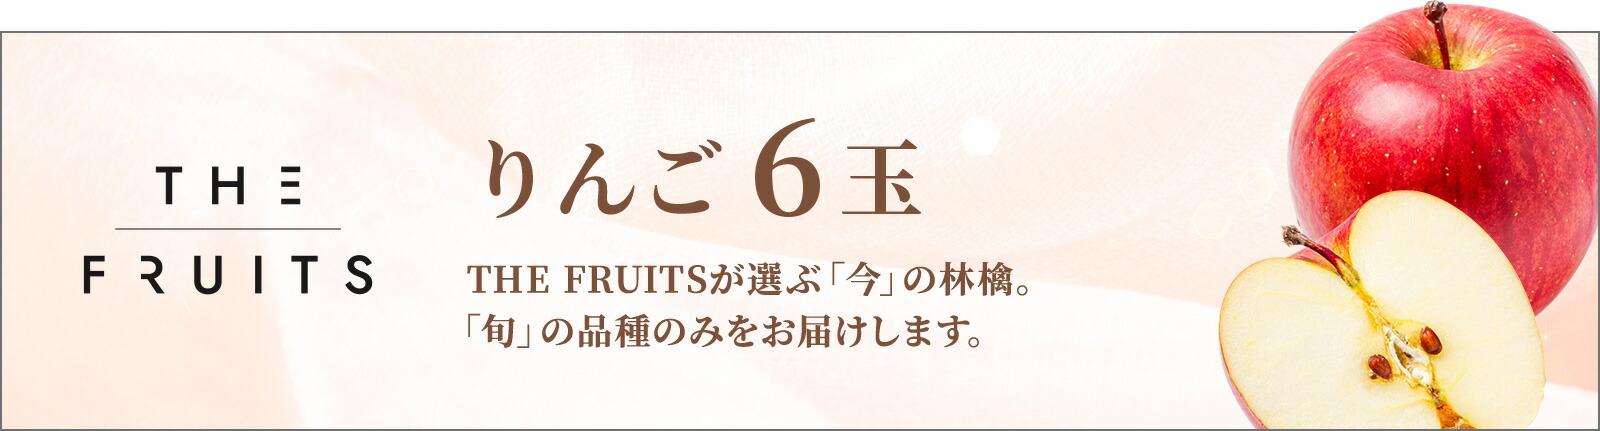 林檎 6玉